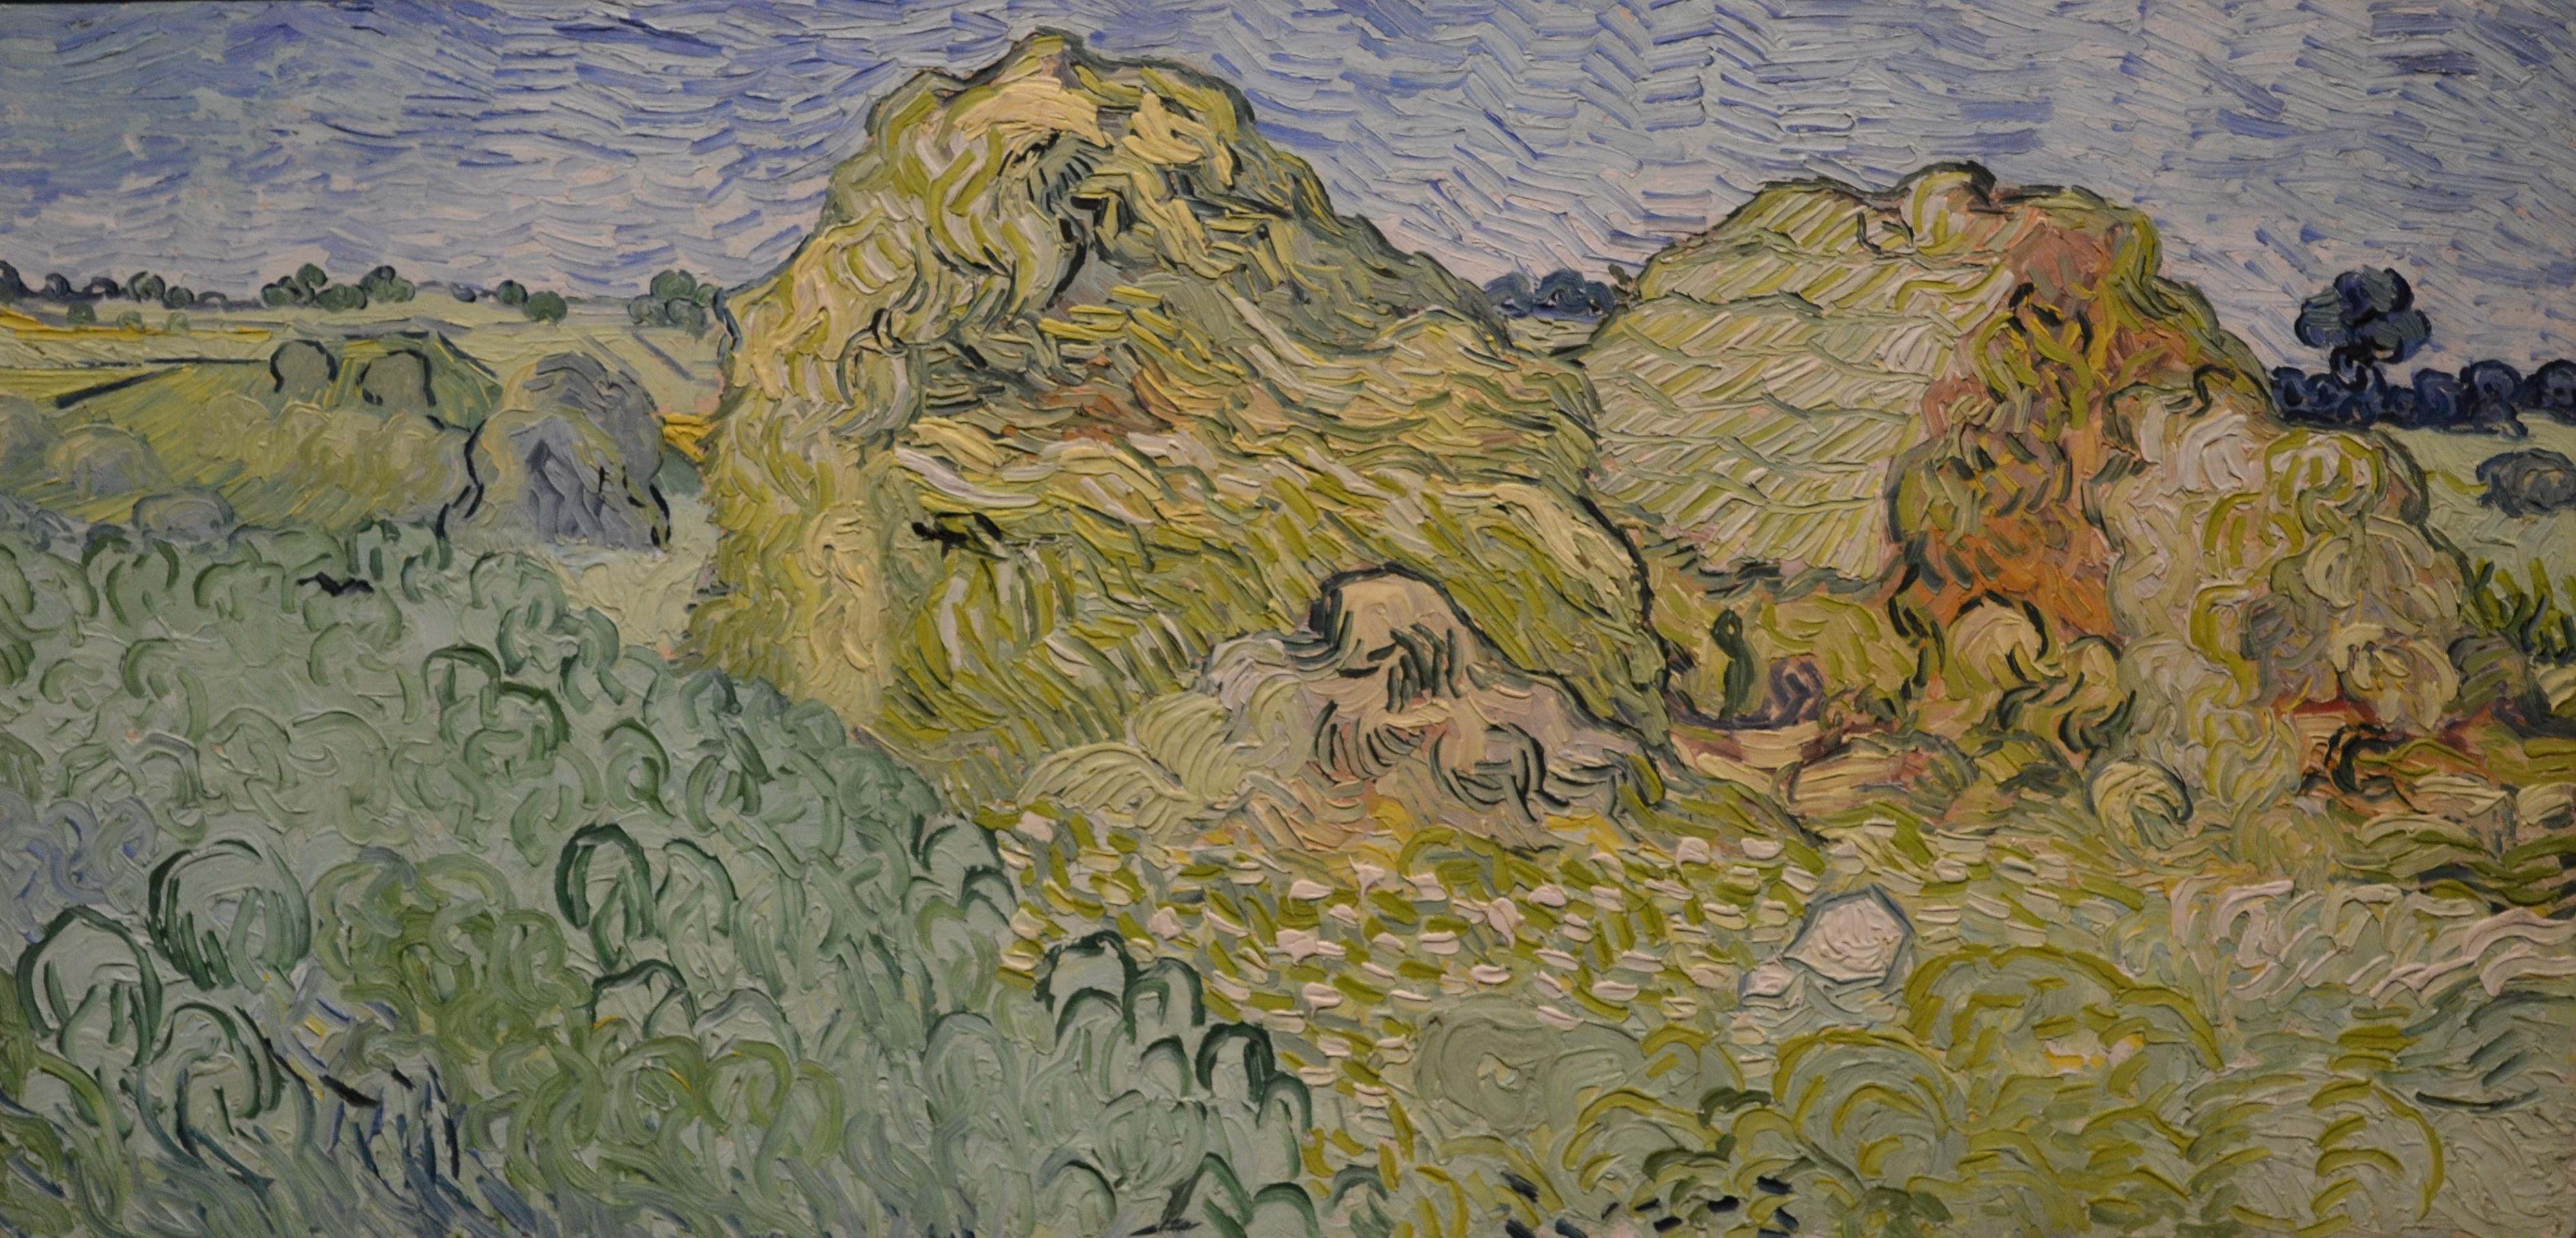 Поле со скирдами пшеницы [ картина - пейзаж ] :: Ван Гог, описание картины - Van Gogh фото